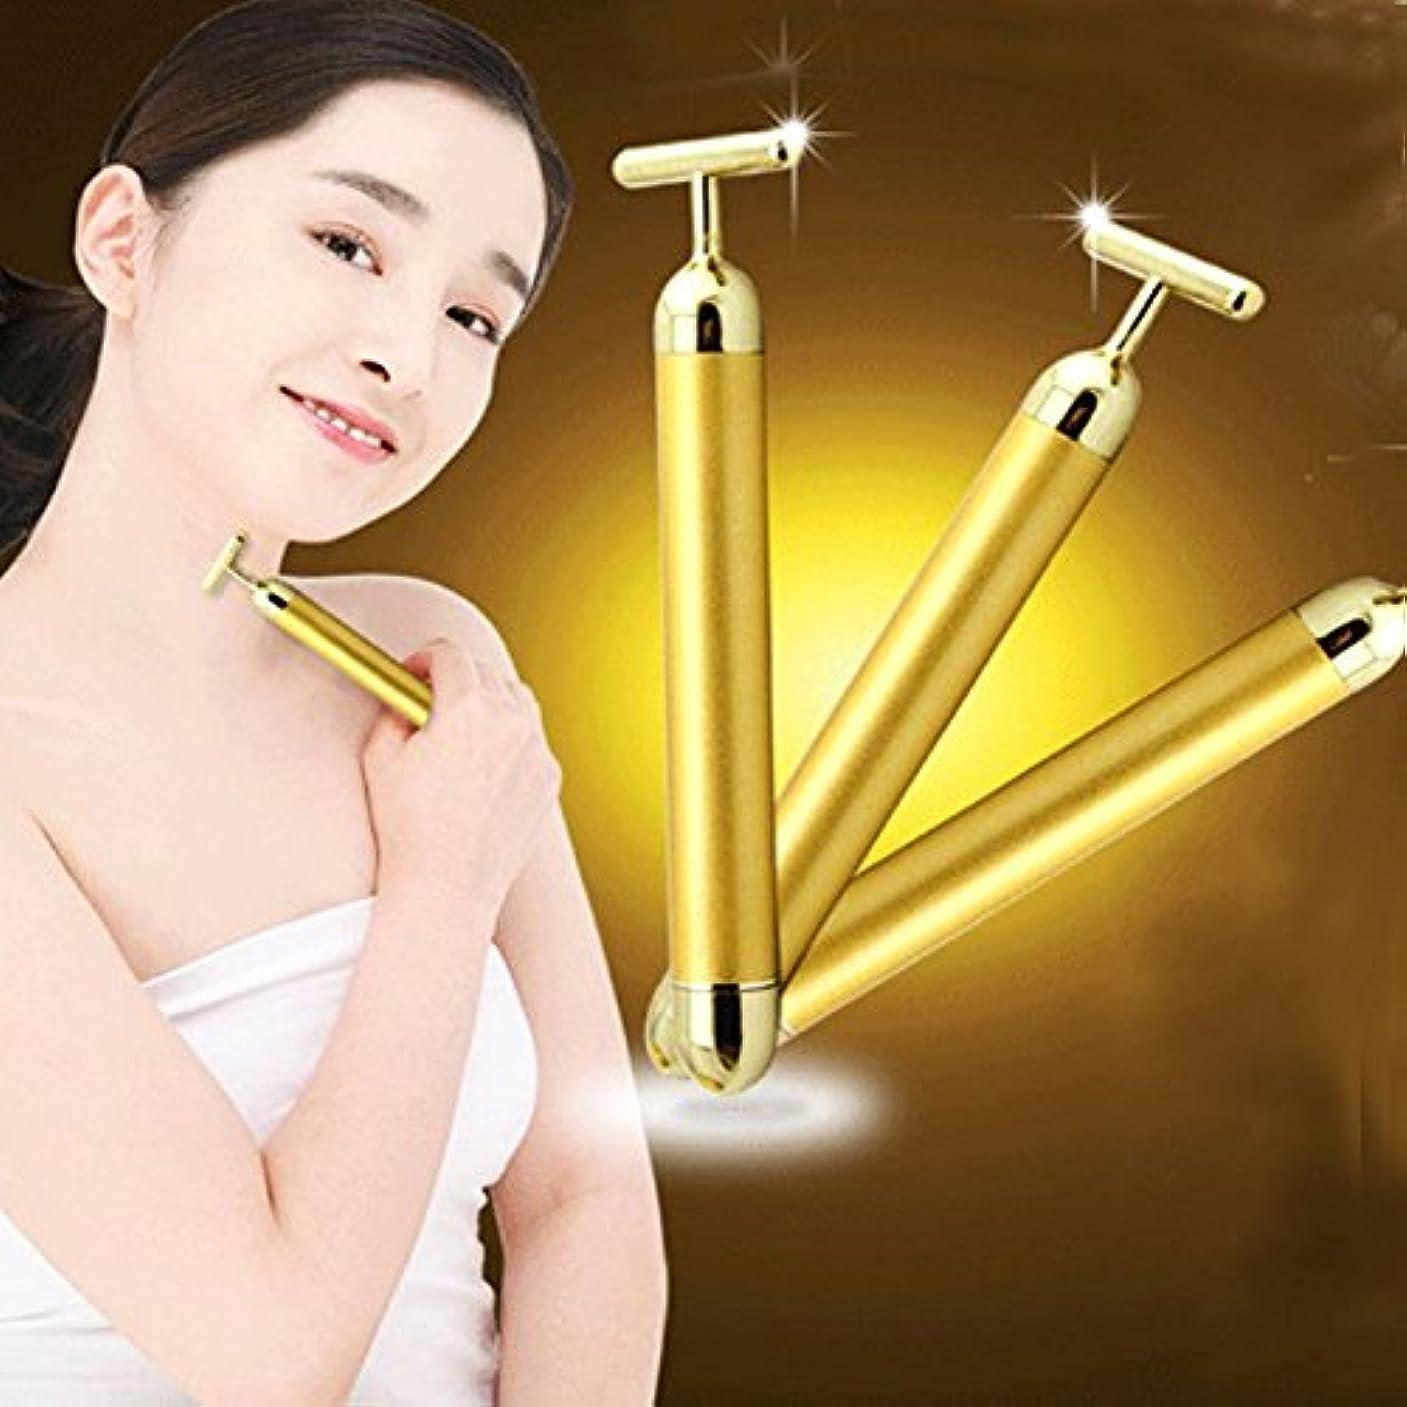 パット二週間墓MSmask ゴールデン美容スリミング 美顔器 T形ゴールドフェイシャル美容マッサージャー エネルギー